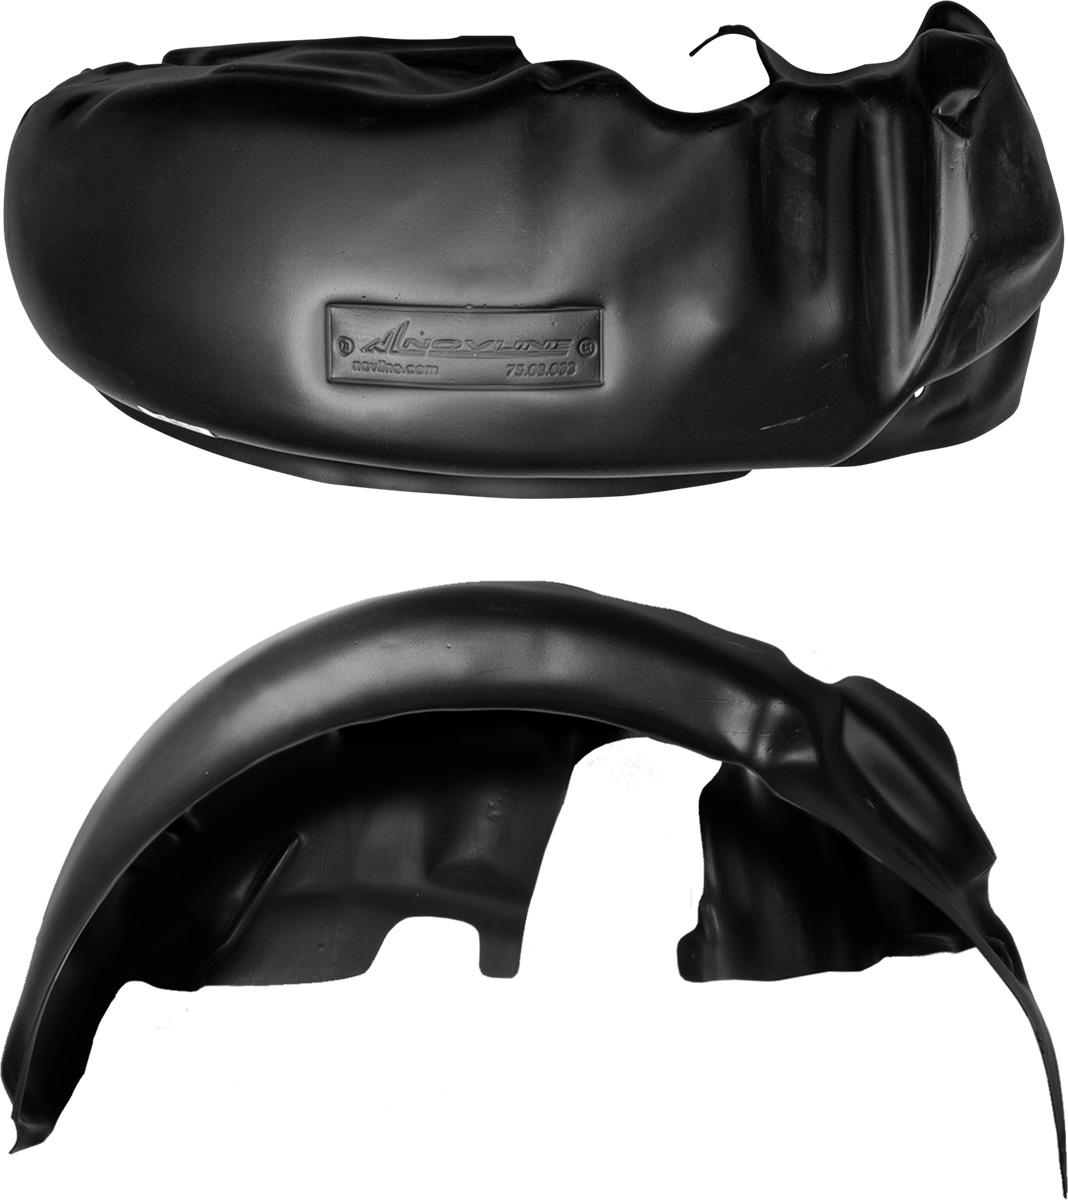 Подкрылок DAEWOO Matiz 2005->, задний правый1004900000360Колесные ниши – одни из самых уязвимых зон днища вашего автомобиля. Они постоянно подвергаются воздействию со стороны дороги. Лучшая, почти абсолютная защита для них - специально отформованные пластиковые кожухи, которые называются подкрылками, или локерами. Производятся они как для отечественных моделей автомобилей, так и для иномарок. Подкрылки выполнены из высококачественного, экологически чистого пластика. Обеспечивают надежную защиту кузова автомобиля от пескоструйного эффекта и негативного влияния, агрессивных антигололедных реагентов. Пластик обладает более низкой теплопроводностью, чем металл, поэтому в зимний период эксплуатации использование пластиковых подкрылков позволяет лучше защитить колесные ниши от налипания снега и образования наледи. Оригинальность конструкции подчеркивает элегантность автомобиля, бережно защищает нанесенное на днище кузова антикоррозийное покрытие и позволяет осуществить крепление подкрылков внутри колесной арки практически без дополнительного крепежа и сверления, не нарушая при этом лакокрасочного покрытия, что предотвращает возникновение новых очагов коррозии. Технология крепления подкрылков на иномарки принципиально отличается от крепления на российские автомобили и разрабатывается индивидуально для каждой модели автомобиля. Подкрылки долговечны, обладают высокой прочностью и сохраняют заданную форму, а также все свои физико-механические характеристики в самых тяжелых климатических условиях ( от -50° С до + 50° С).